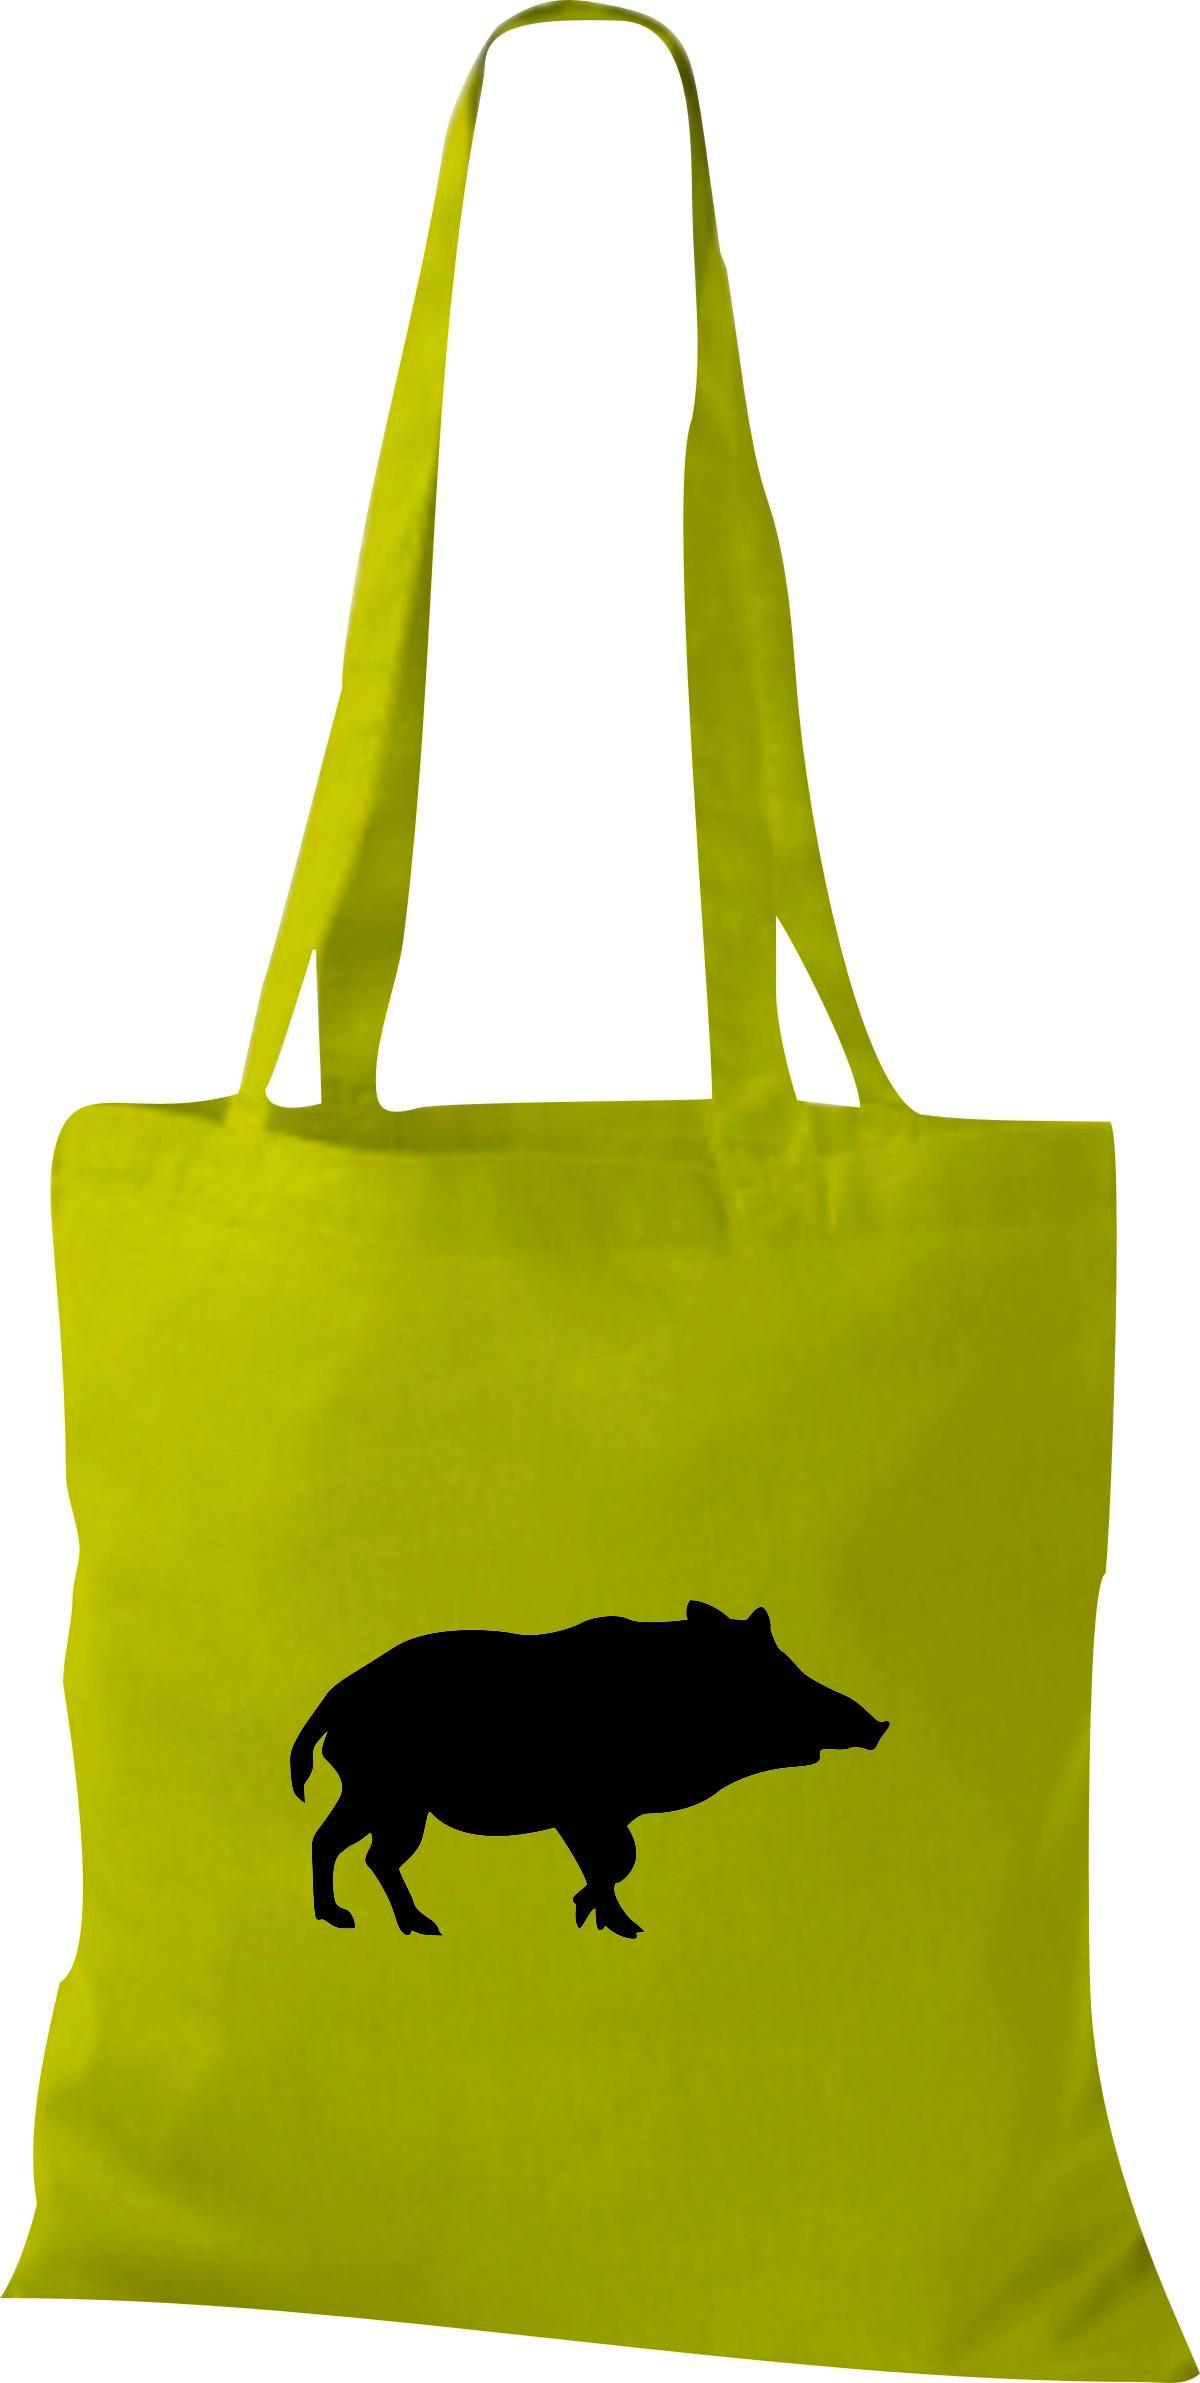 Stoffbeutel lustige Tiermotive, Schwein, Eber, Wildschwein Kult Baumwolltasche v